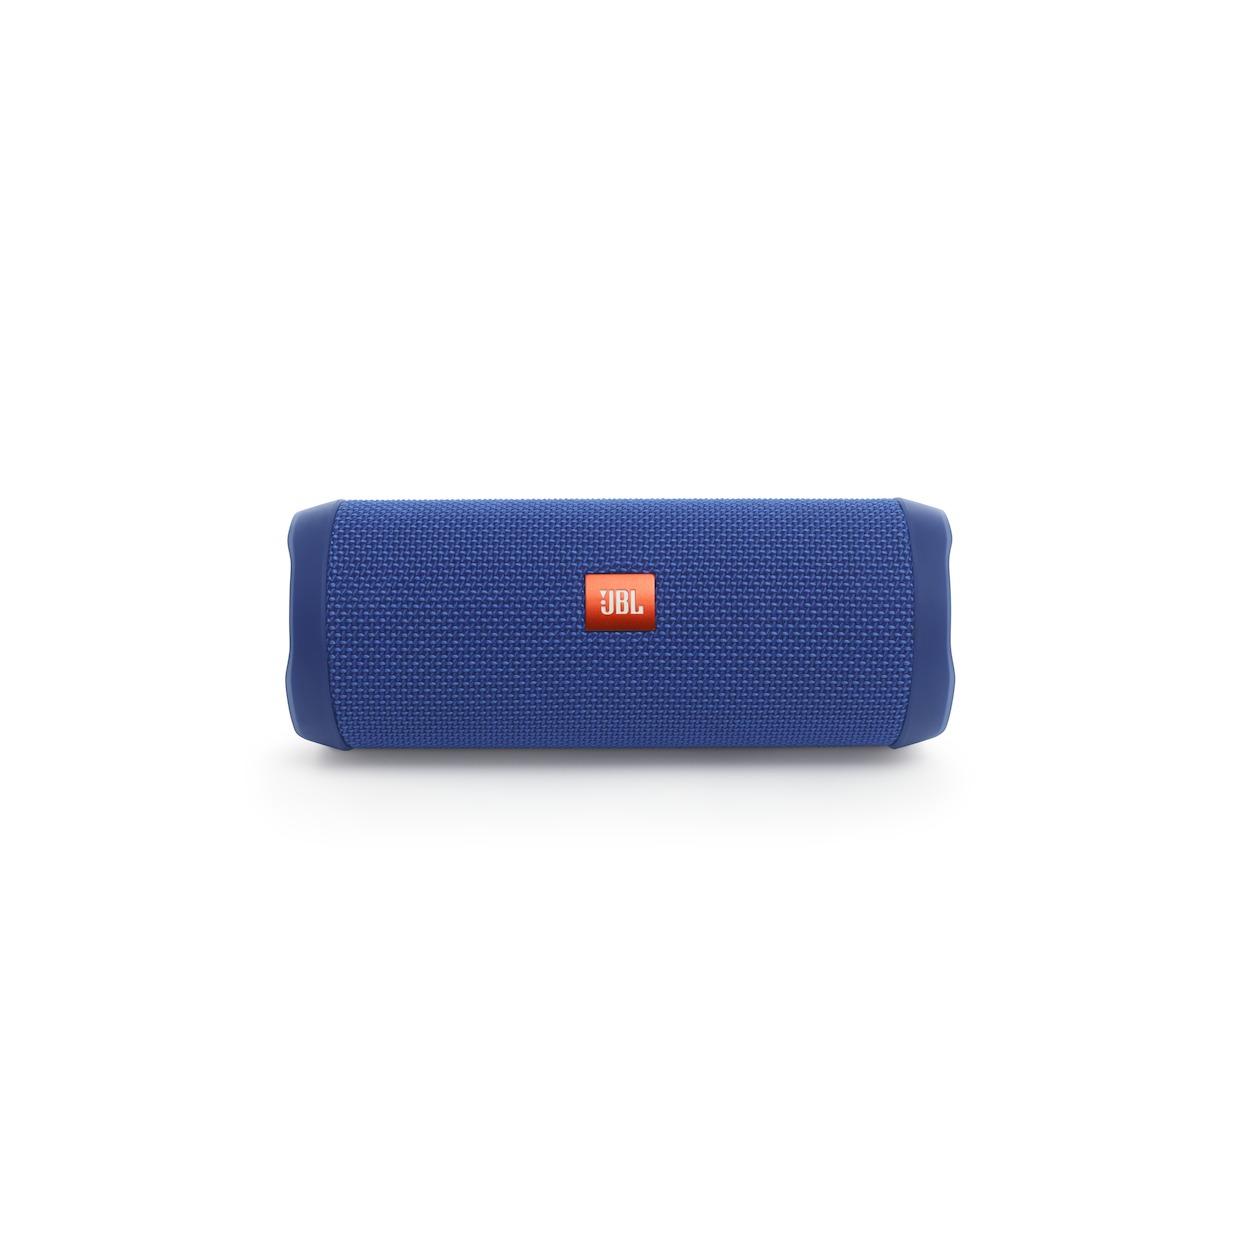 JBL bluetooth speaker Flip 4 blauw